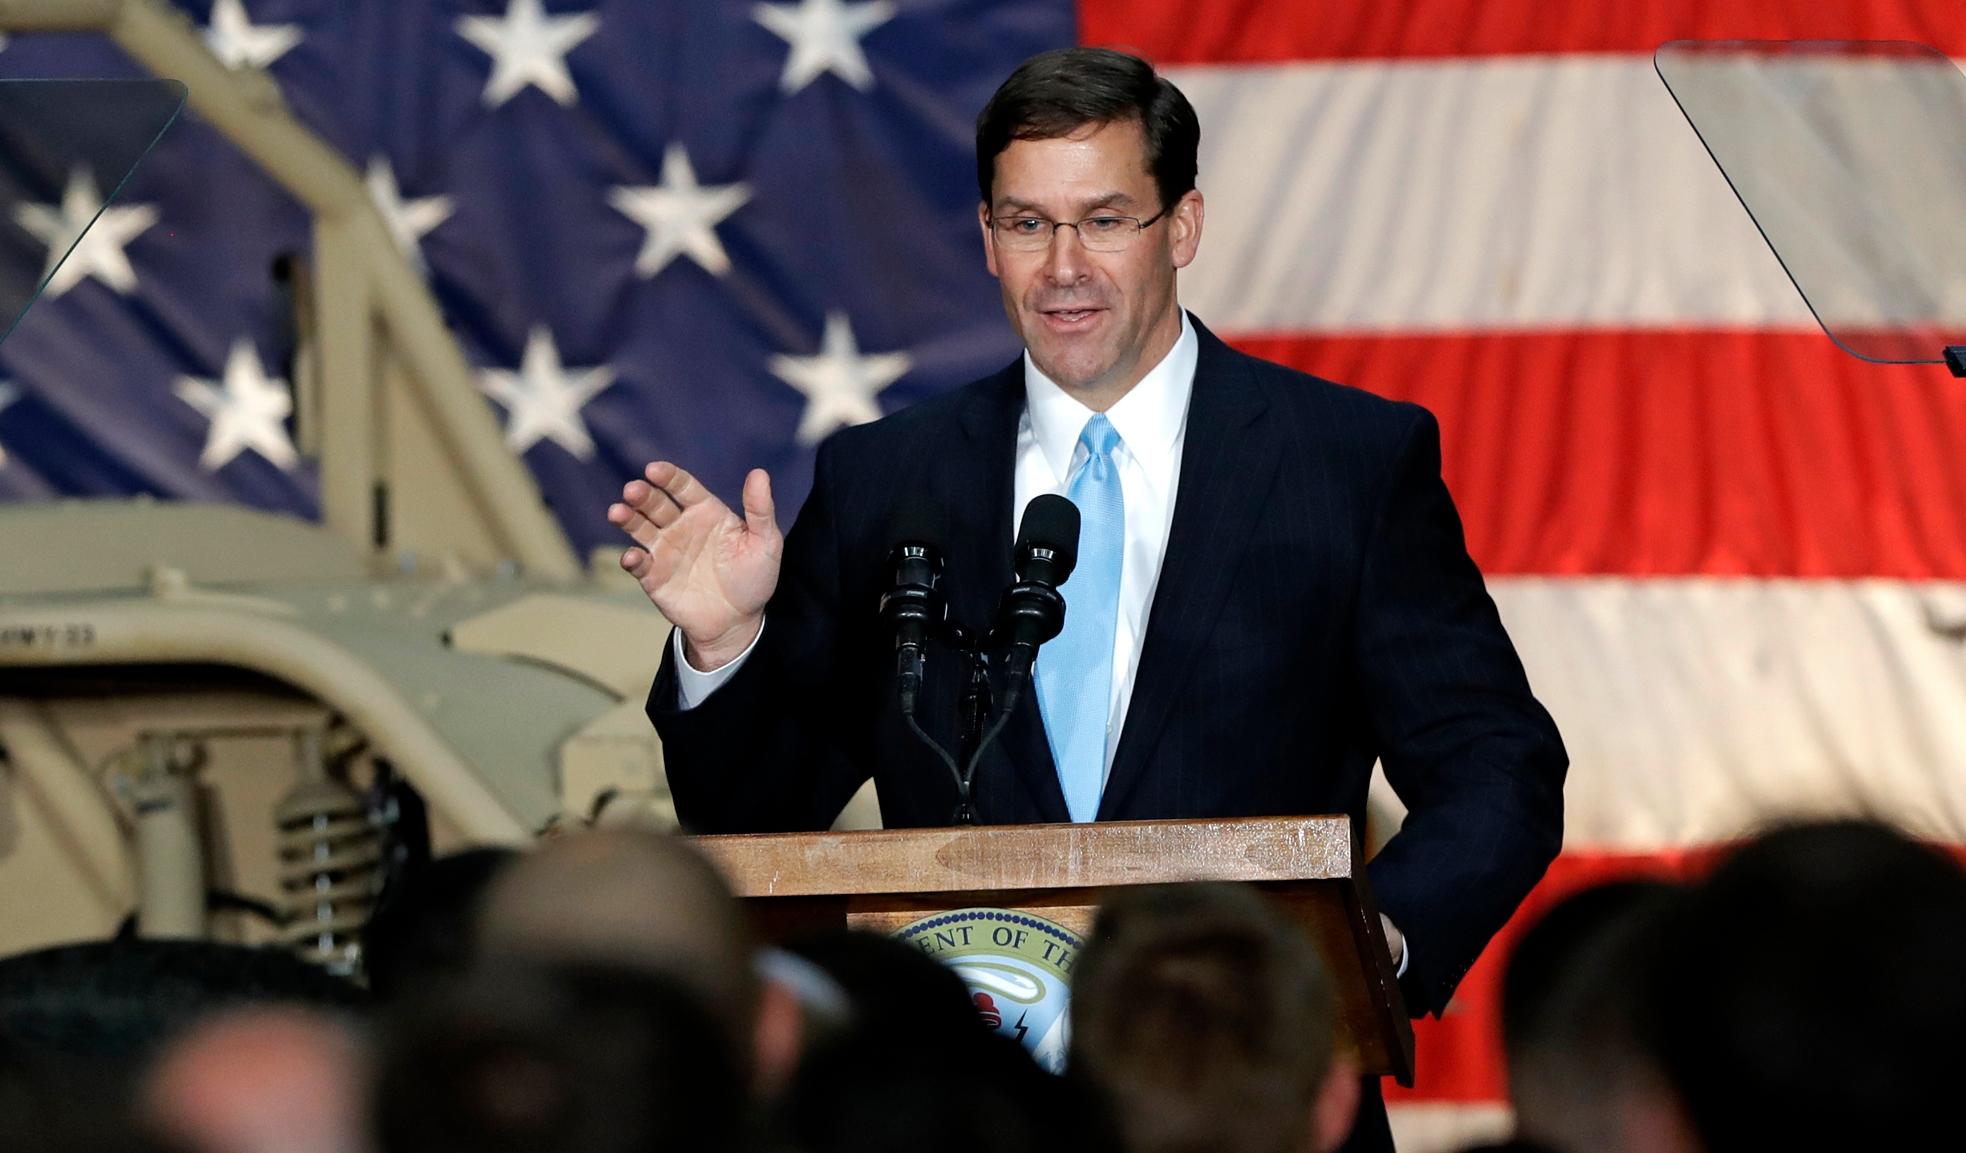 अमेरिकी रक्षा मंत्री मार्क एस्पर ने कहा- सऊदी अरब और युएई के खाड़ी क्षेत्र में अमेरिका के सुरक्षा बलों को भेजा जाएगा